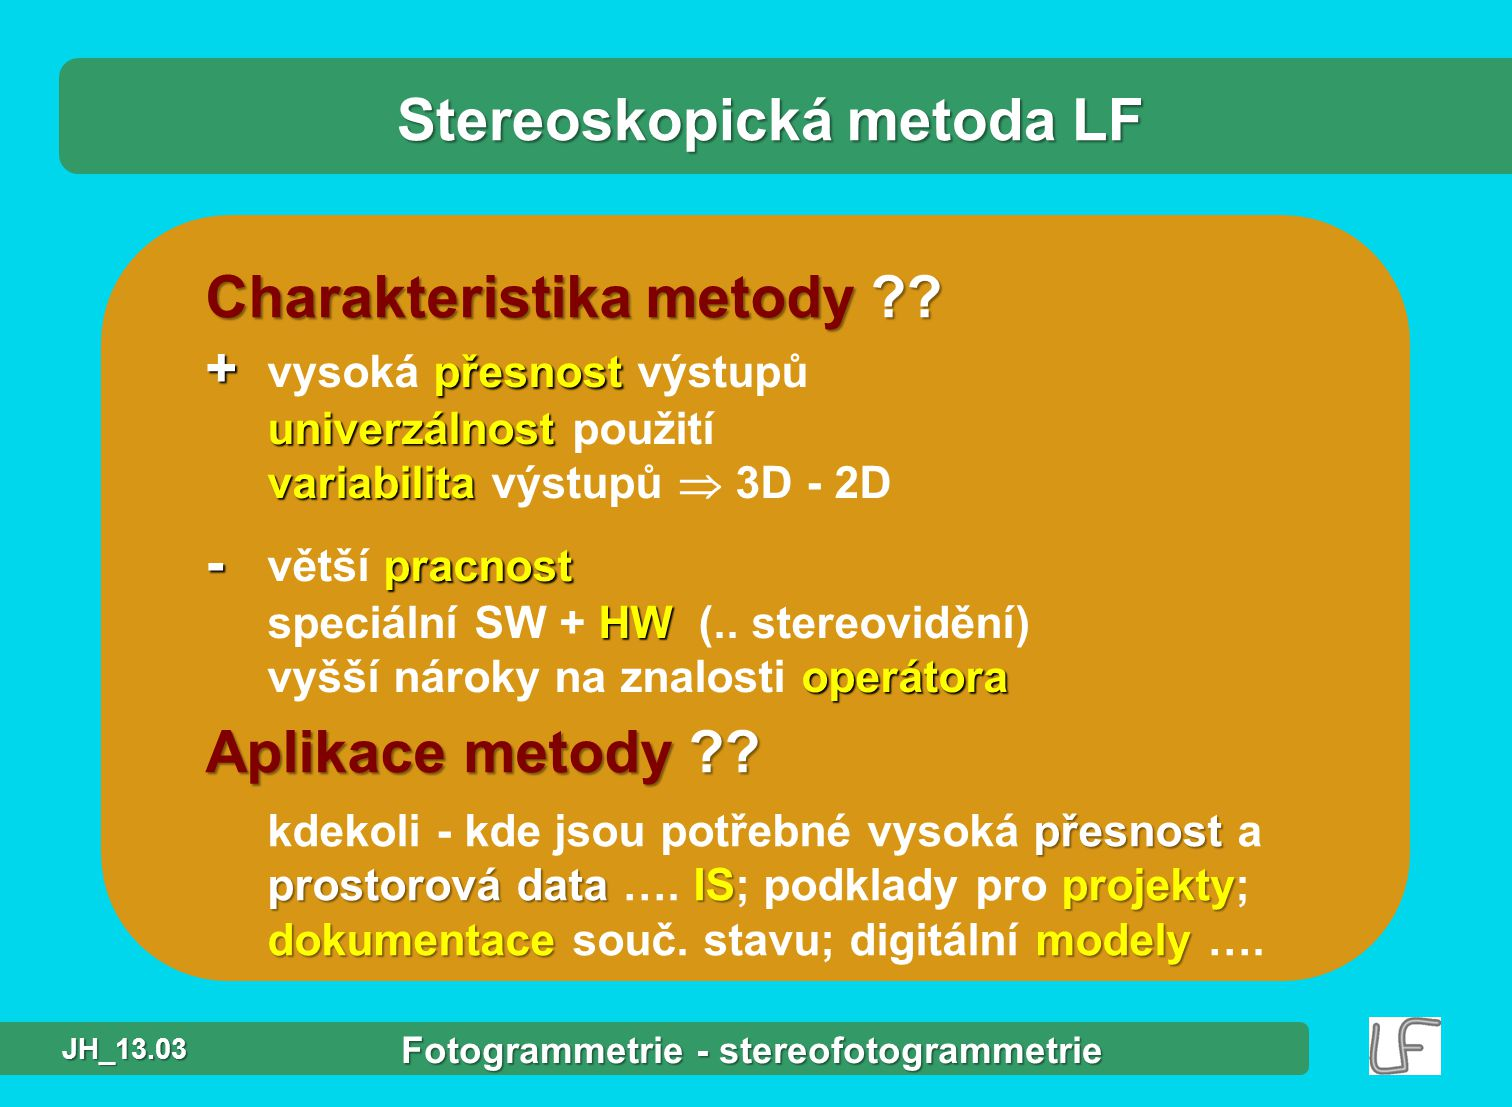 Stereoskopická metoda LF